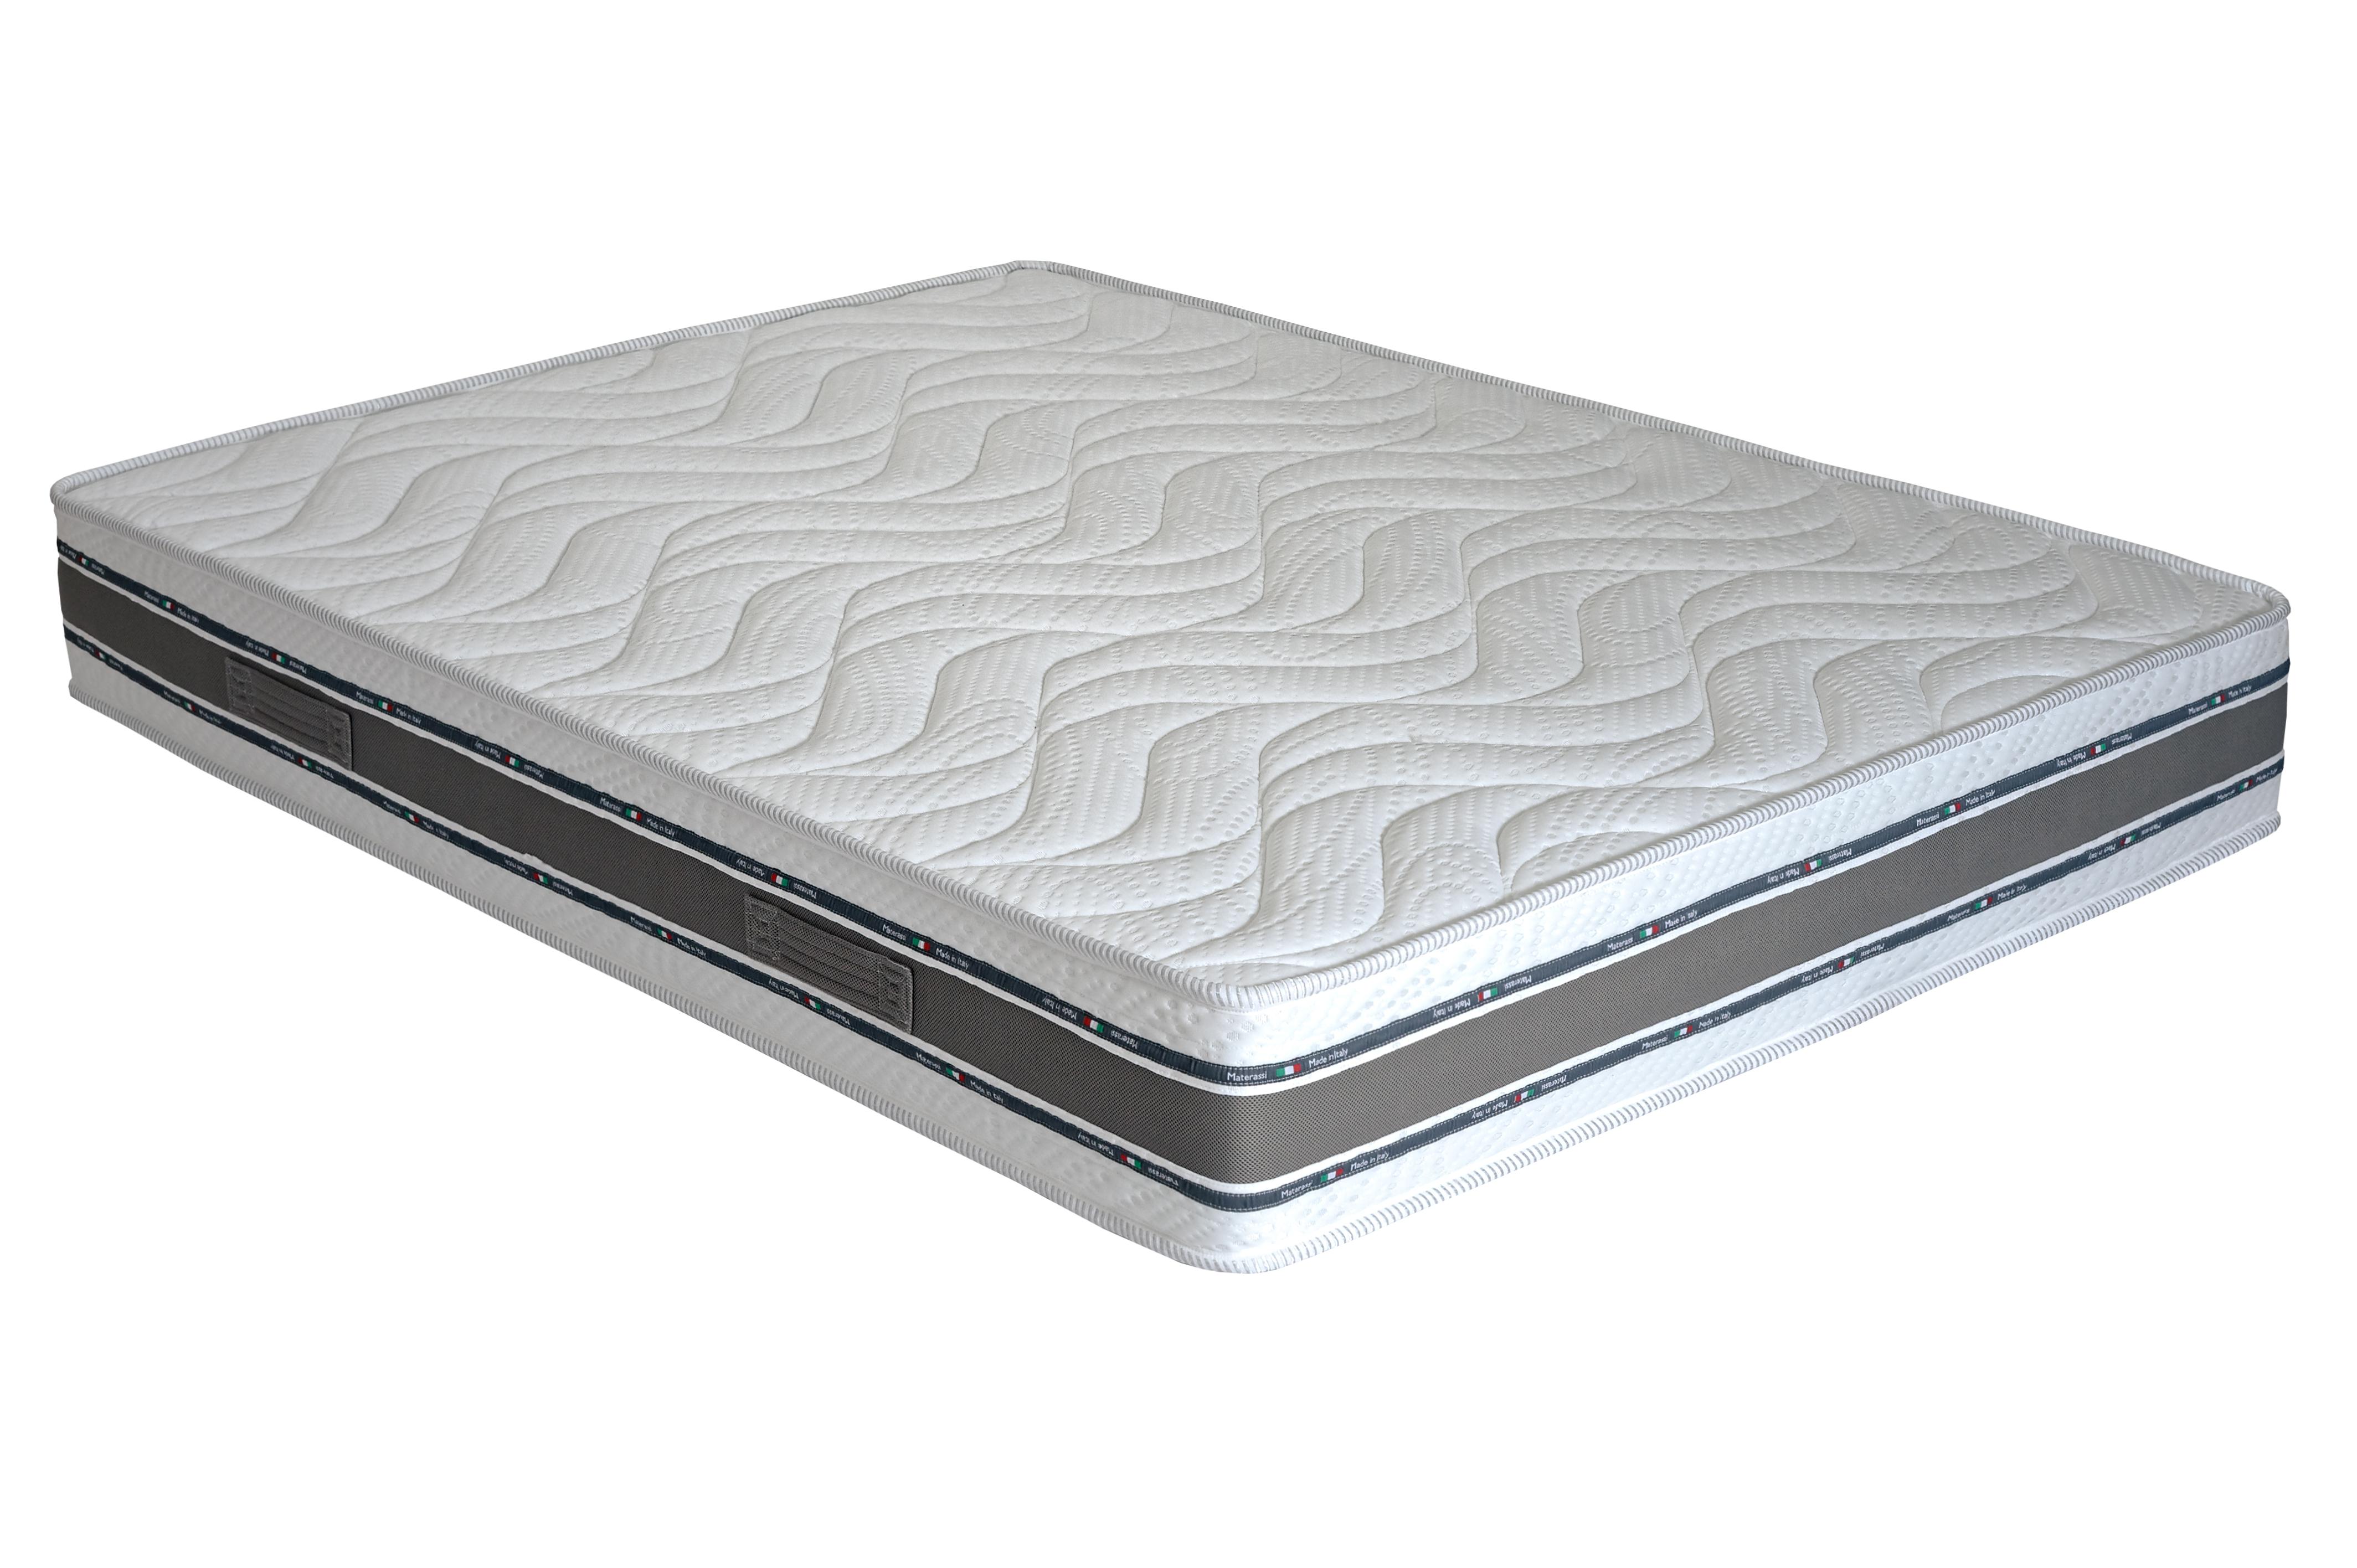 Maxflex-materassi conforttouch